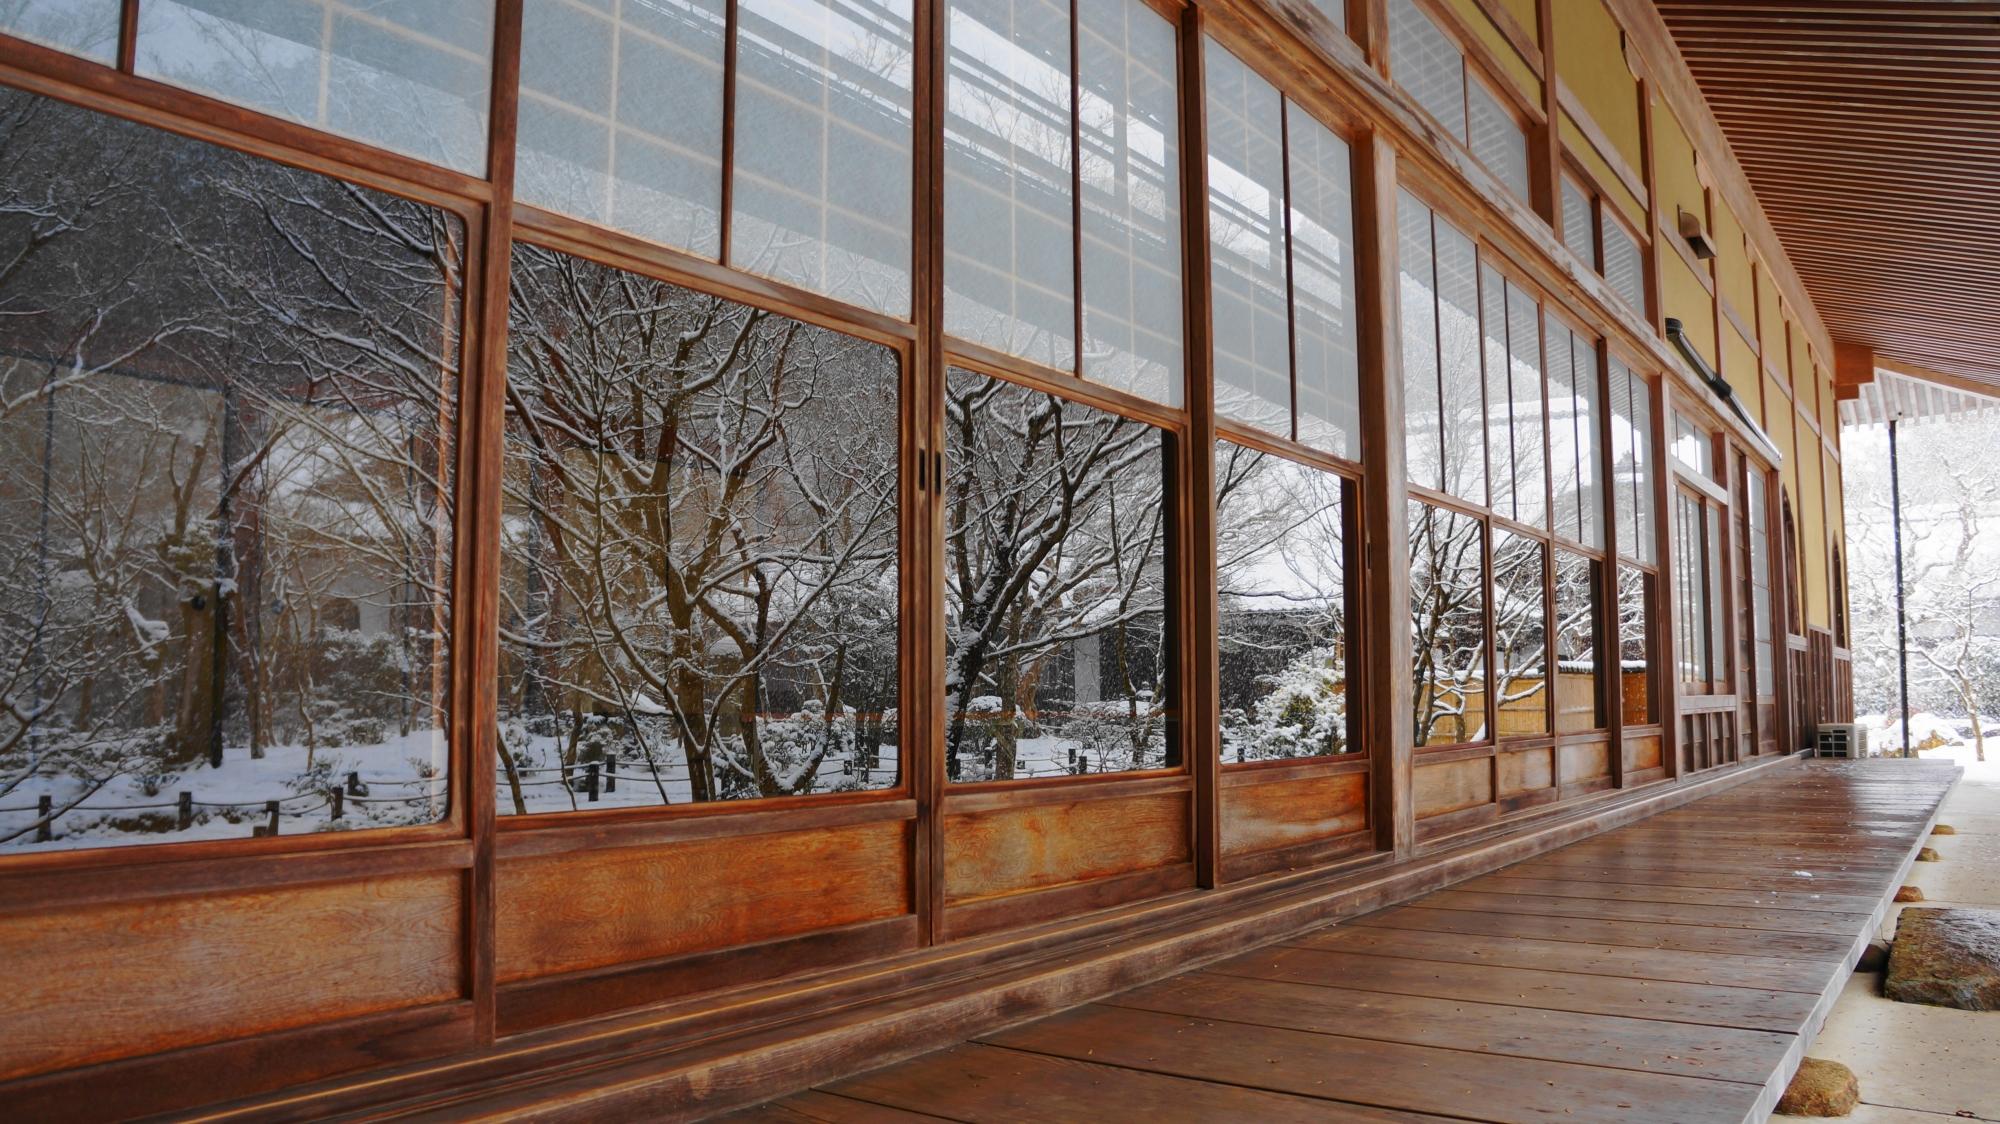 ガラス戸に十牛之庭の雪景色が映る瑞雲閣